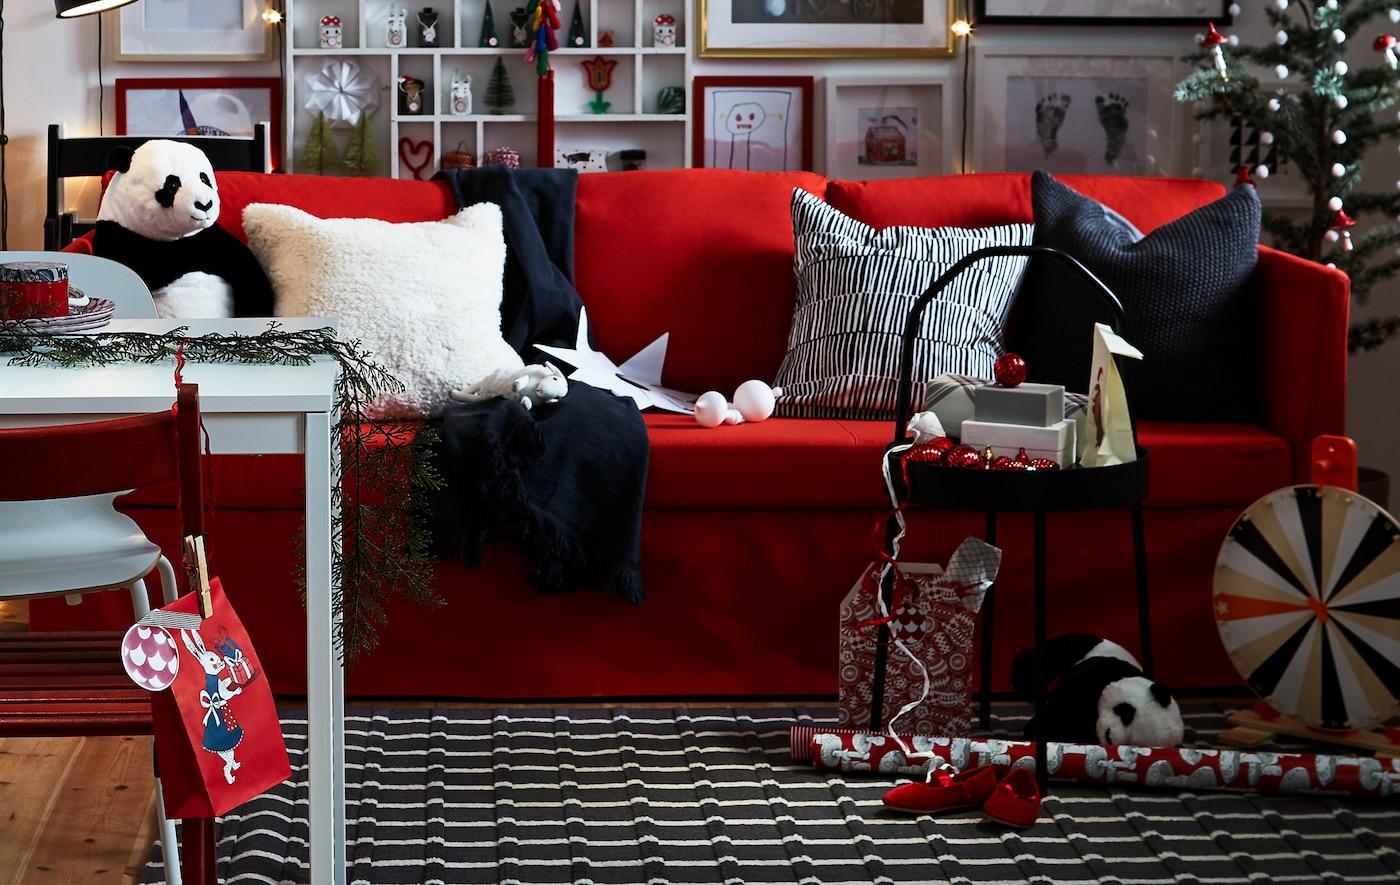 Crvena i crno-bijela dnevna soba s mnogo personaliziranih detalja i fleksibilnim namještajem odiše toplinom i udobnošću.